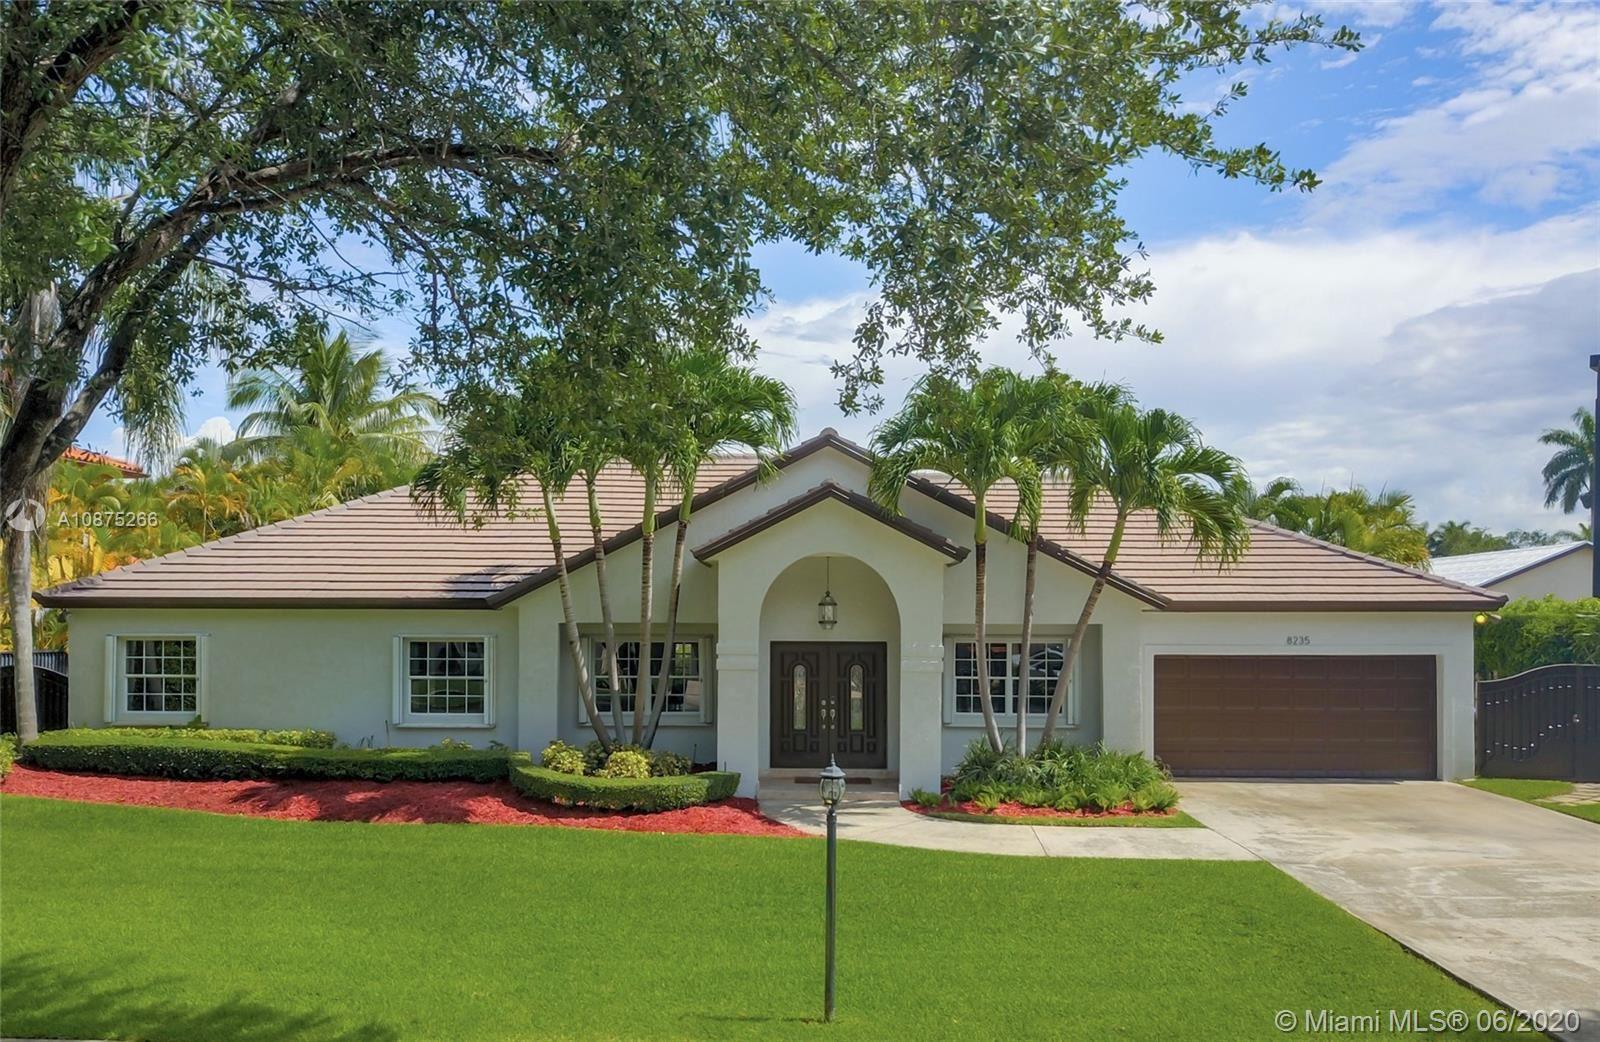 8235 NW 157th Ter, Miami Lakes, FL 33016 - #: A10875266